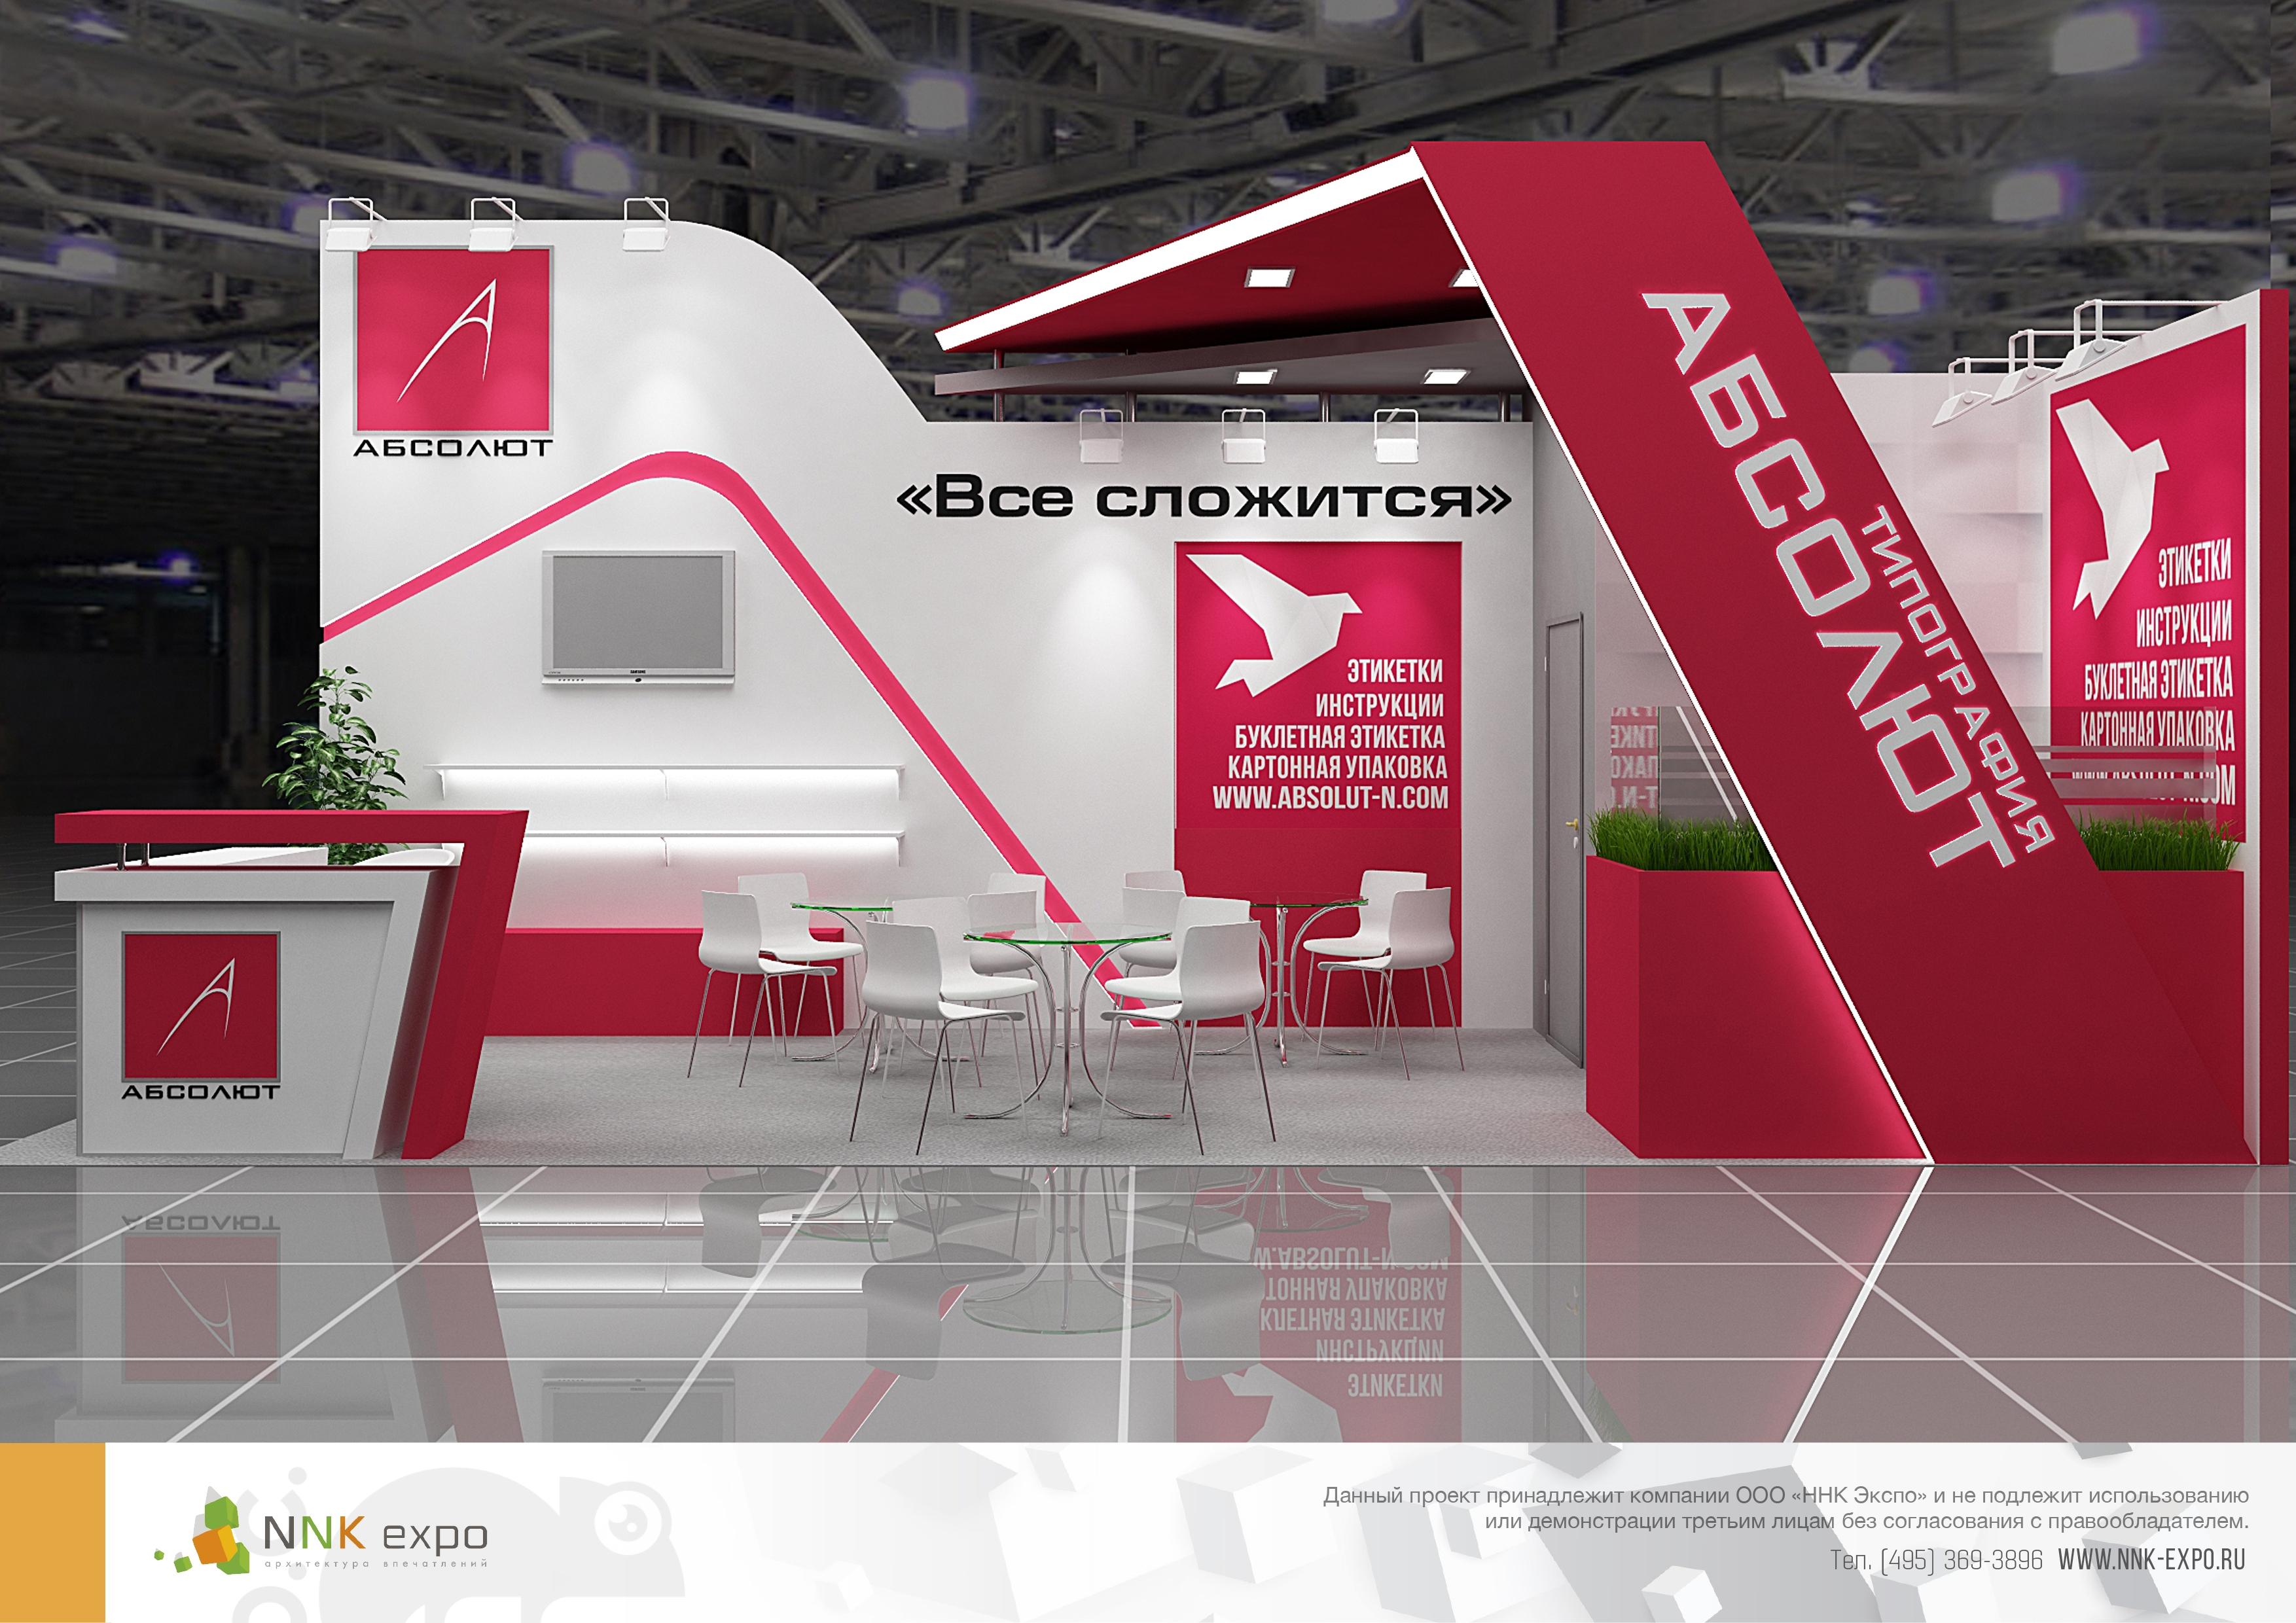 Дизайн проект выставочного стенда компании Абсолют